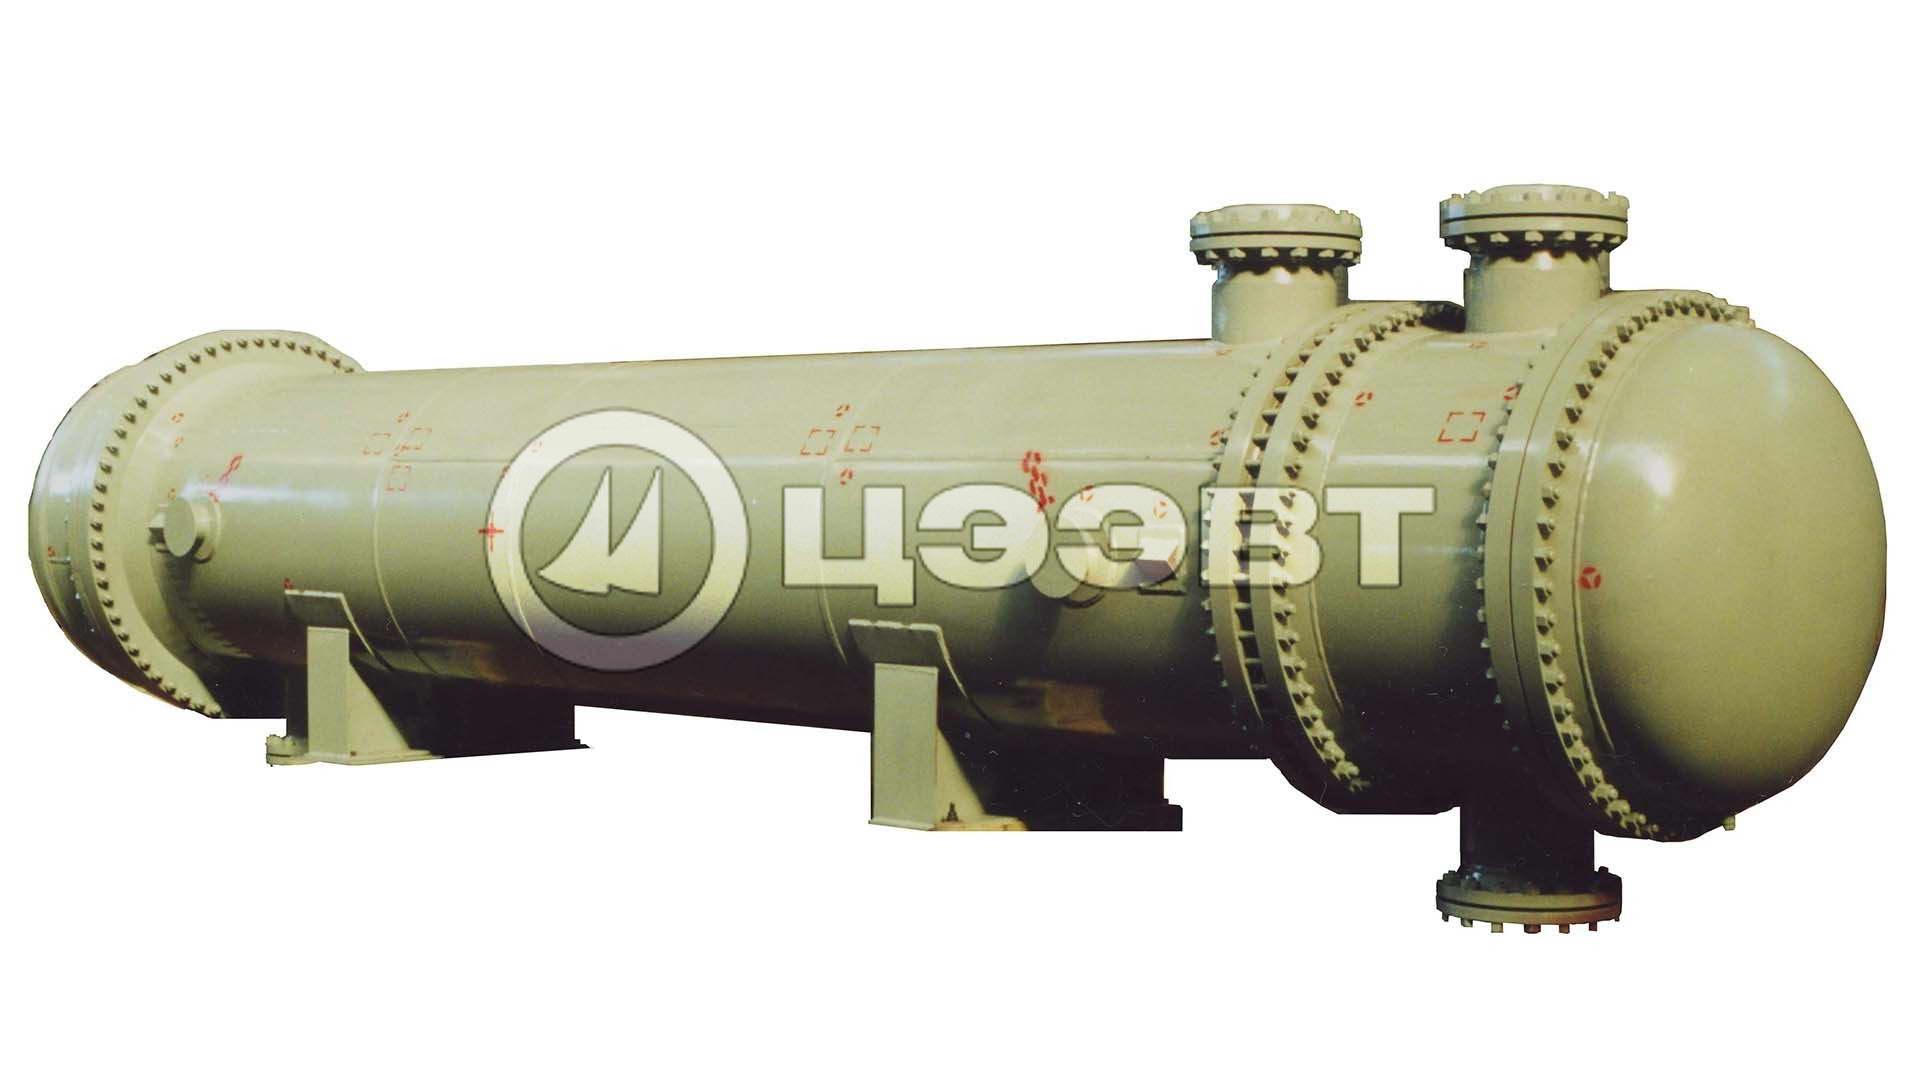 Ремонт теплообменников с плавающей головкой Кожухотрубный конденсатор Alfa Laval McDEW 200 T Челябинск